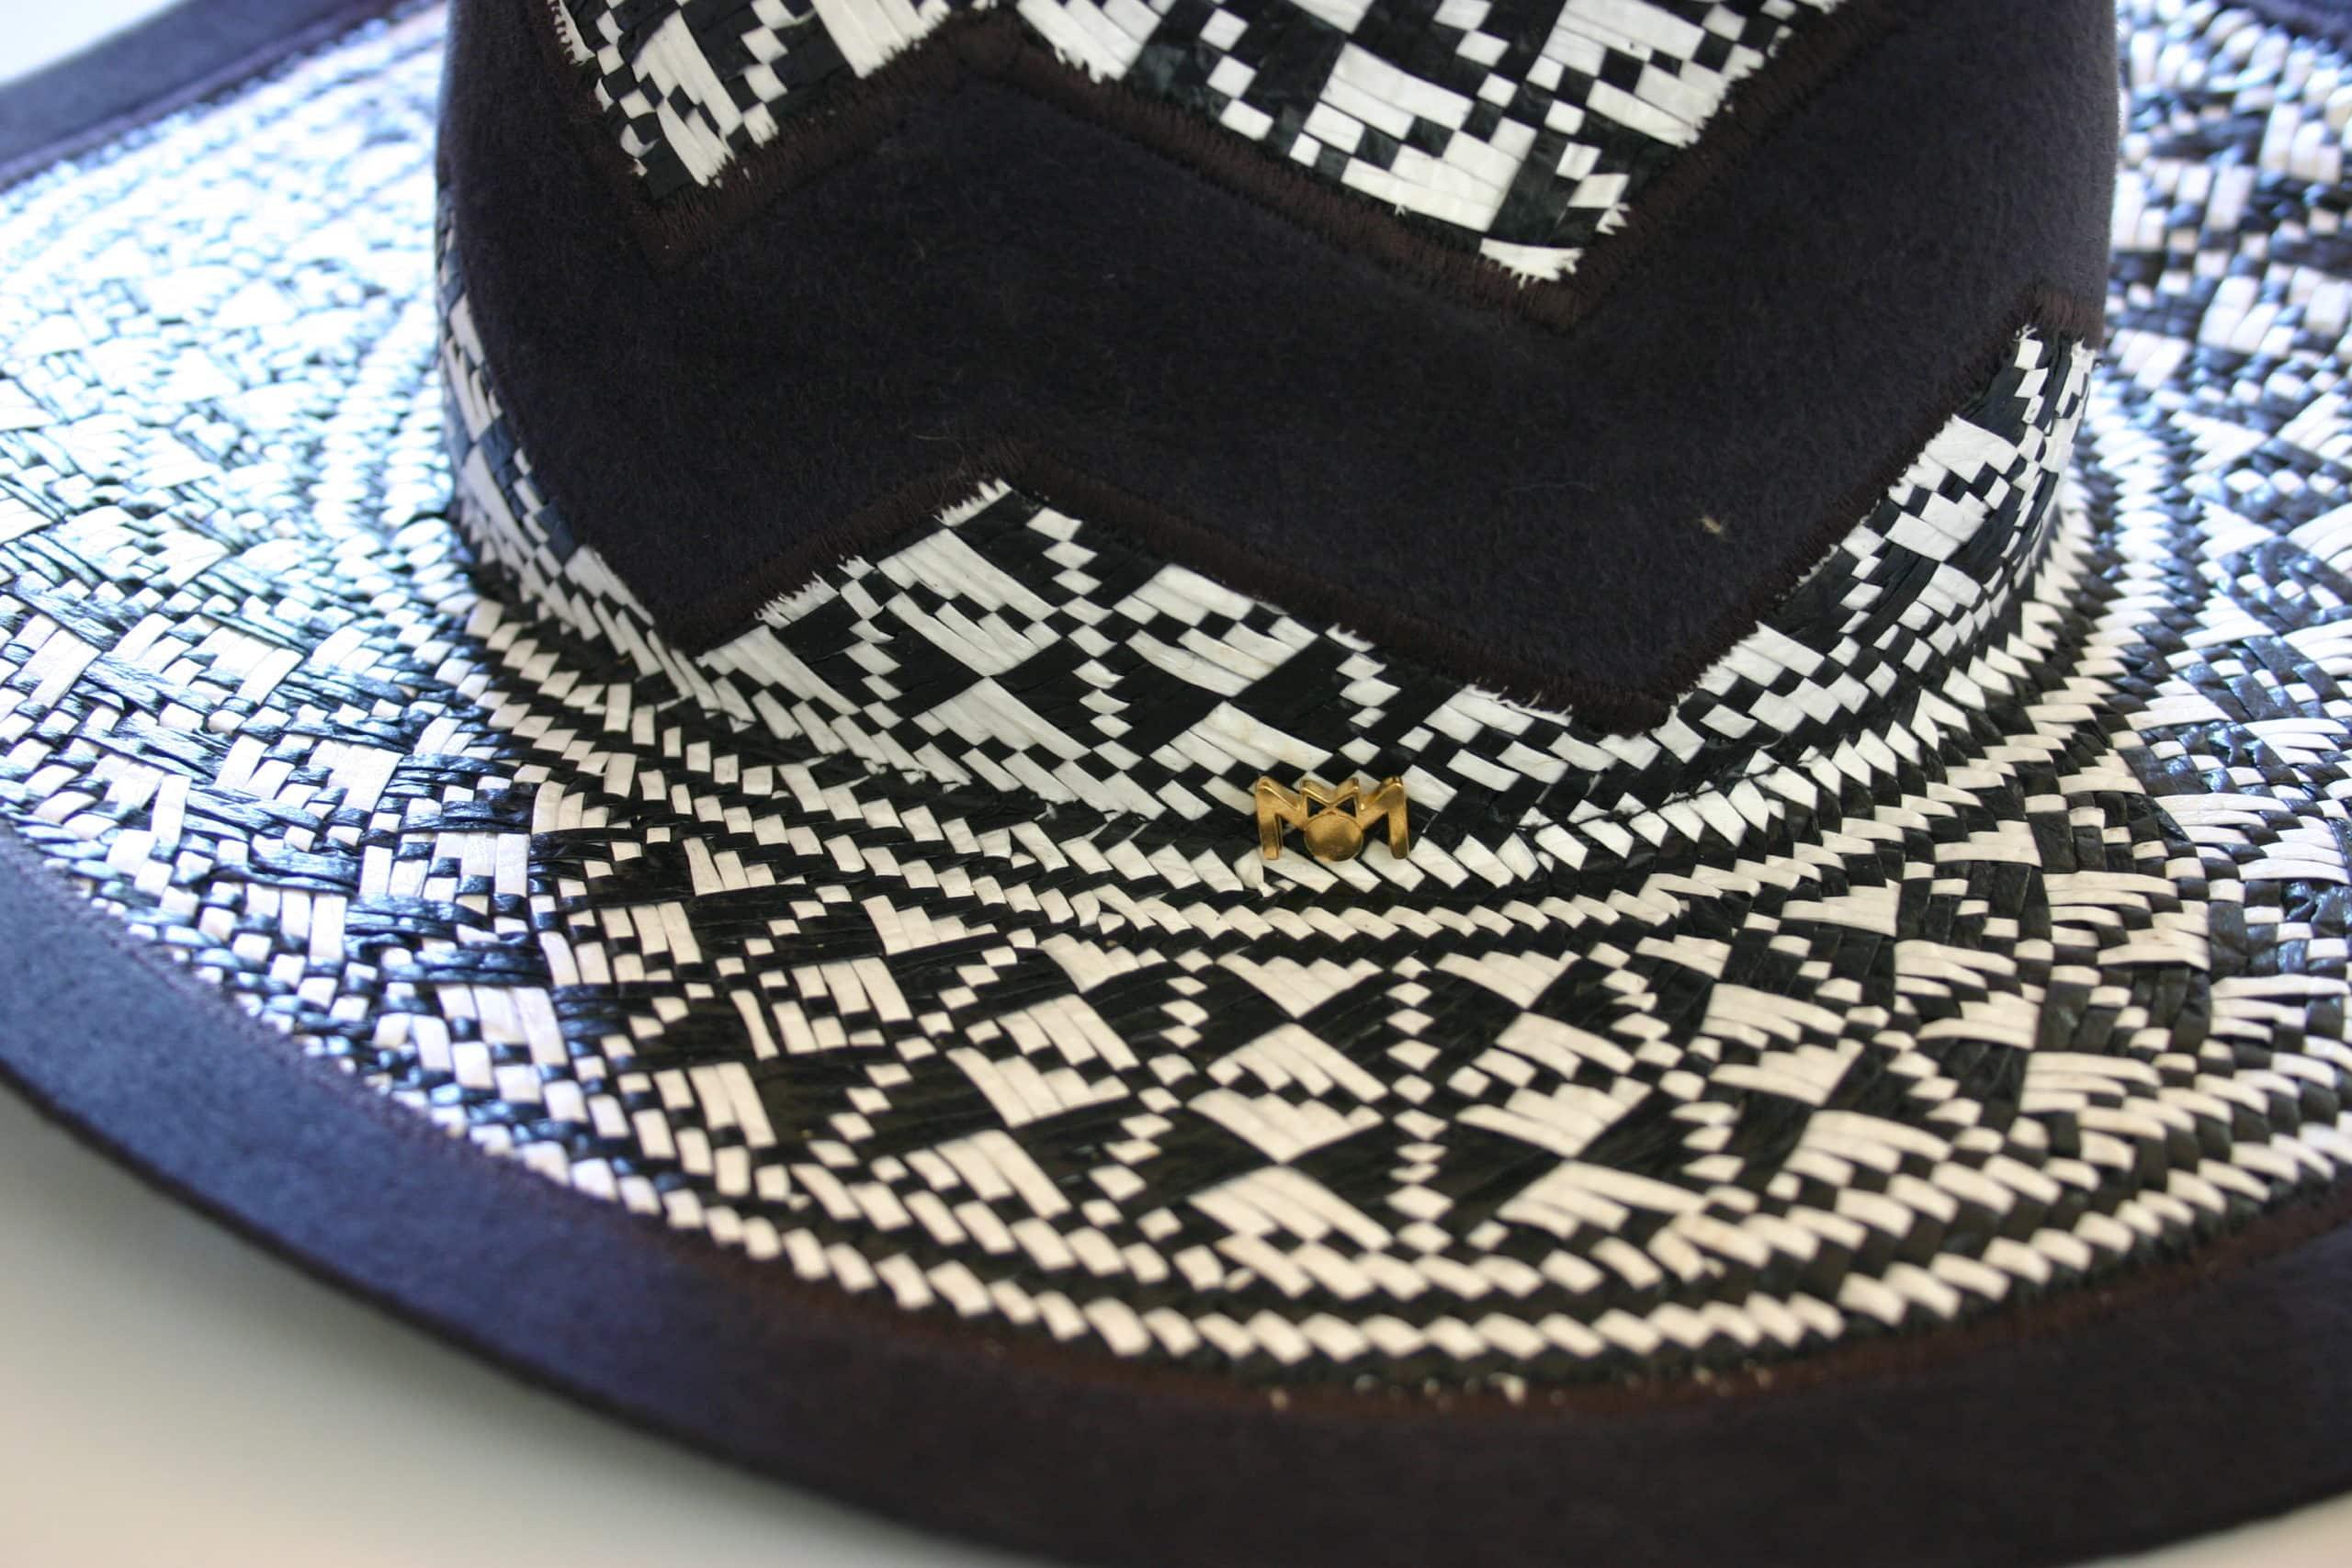 panama sombrero hecho a mano minime paris complementos moda hombre mujer fieltro pieza única